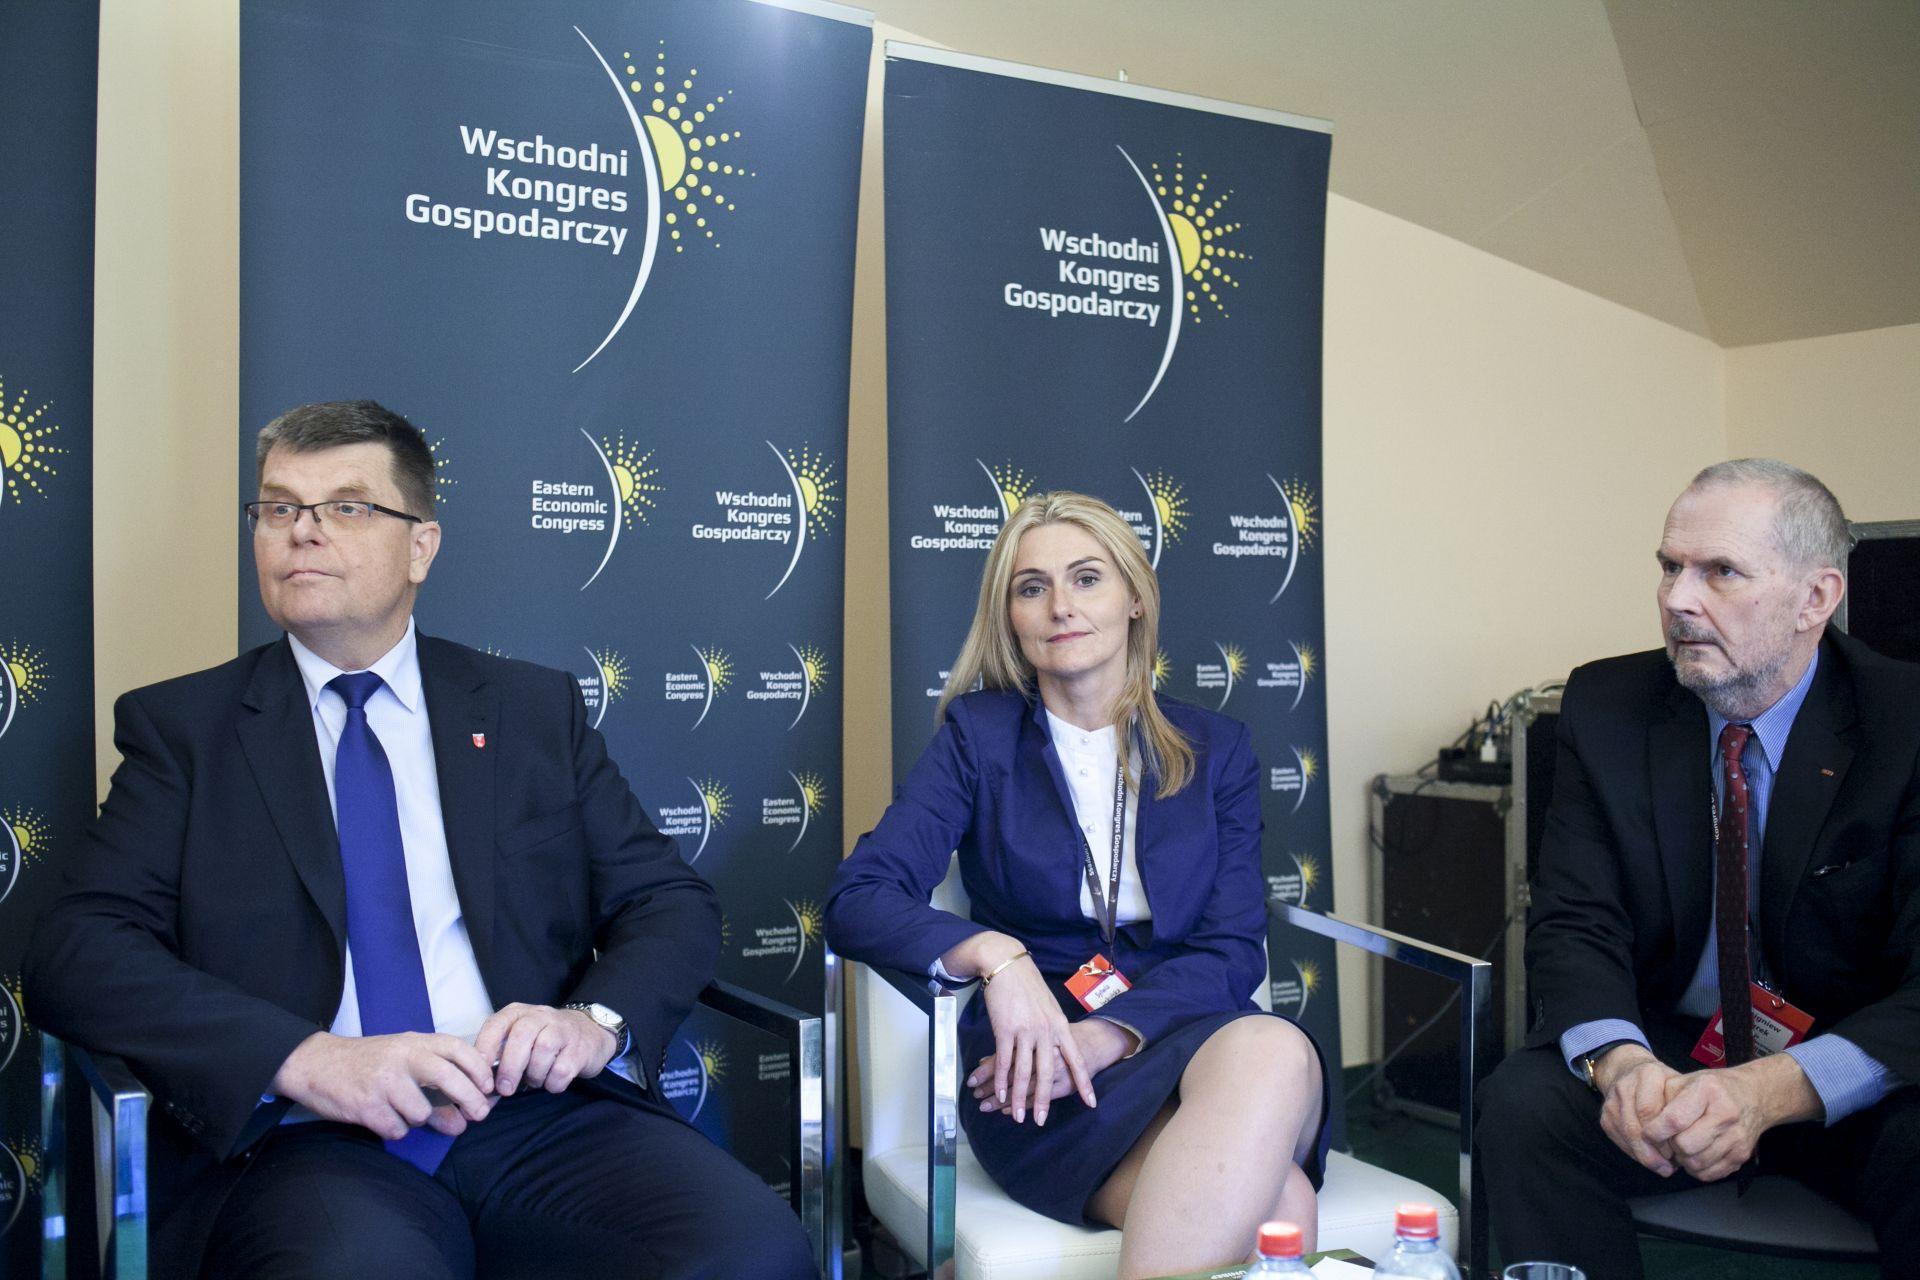 Od lewej: Jerzy Leszczyński, Sylwia Jaskulska (wicemarszałek woj. warmińsko - mazurskiego) i Zbigniew Żurek.Fot. PTWP / PP